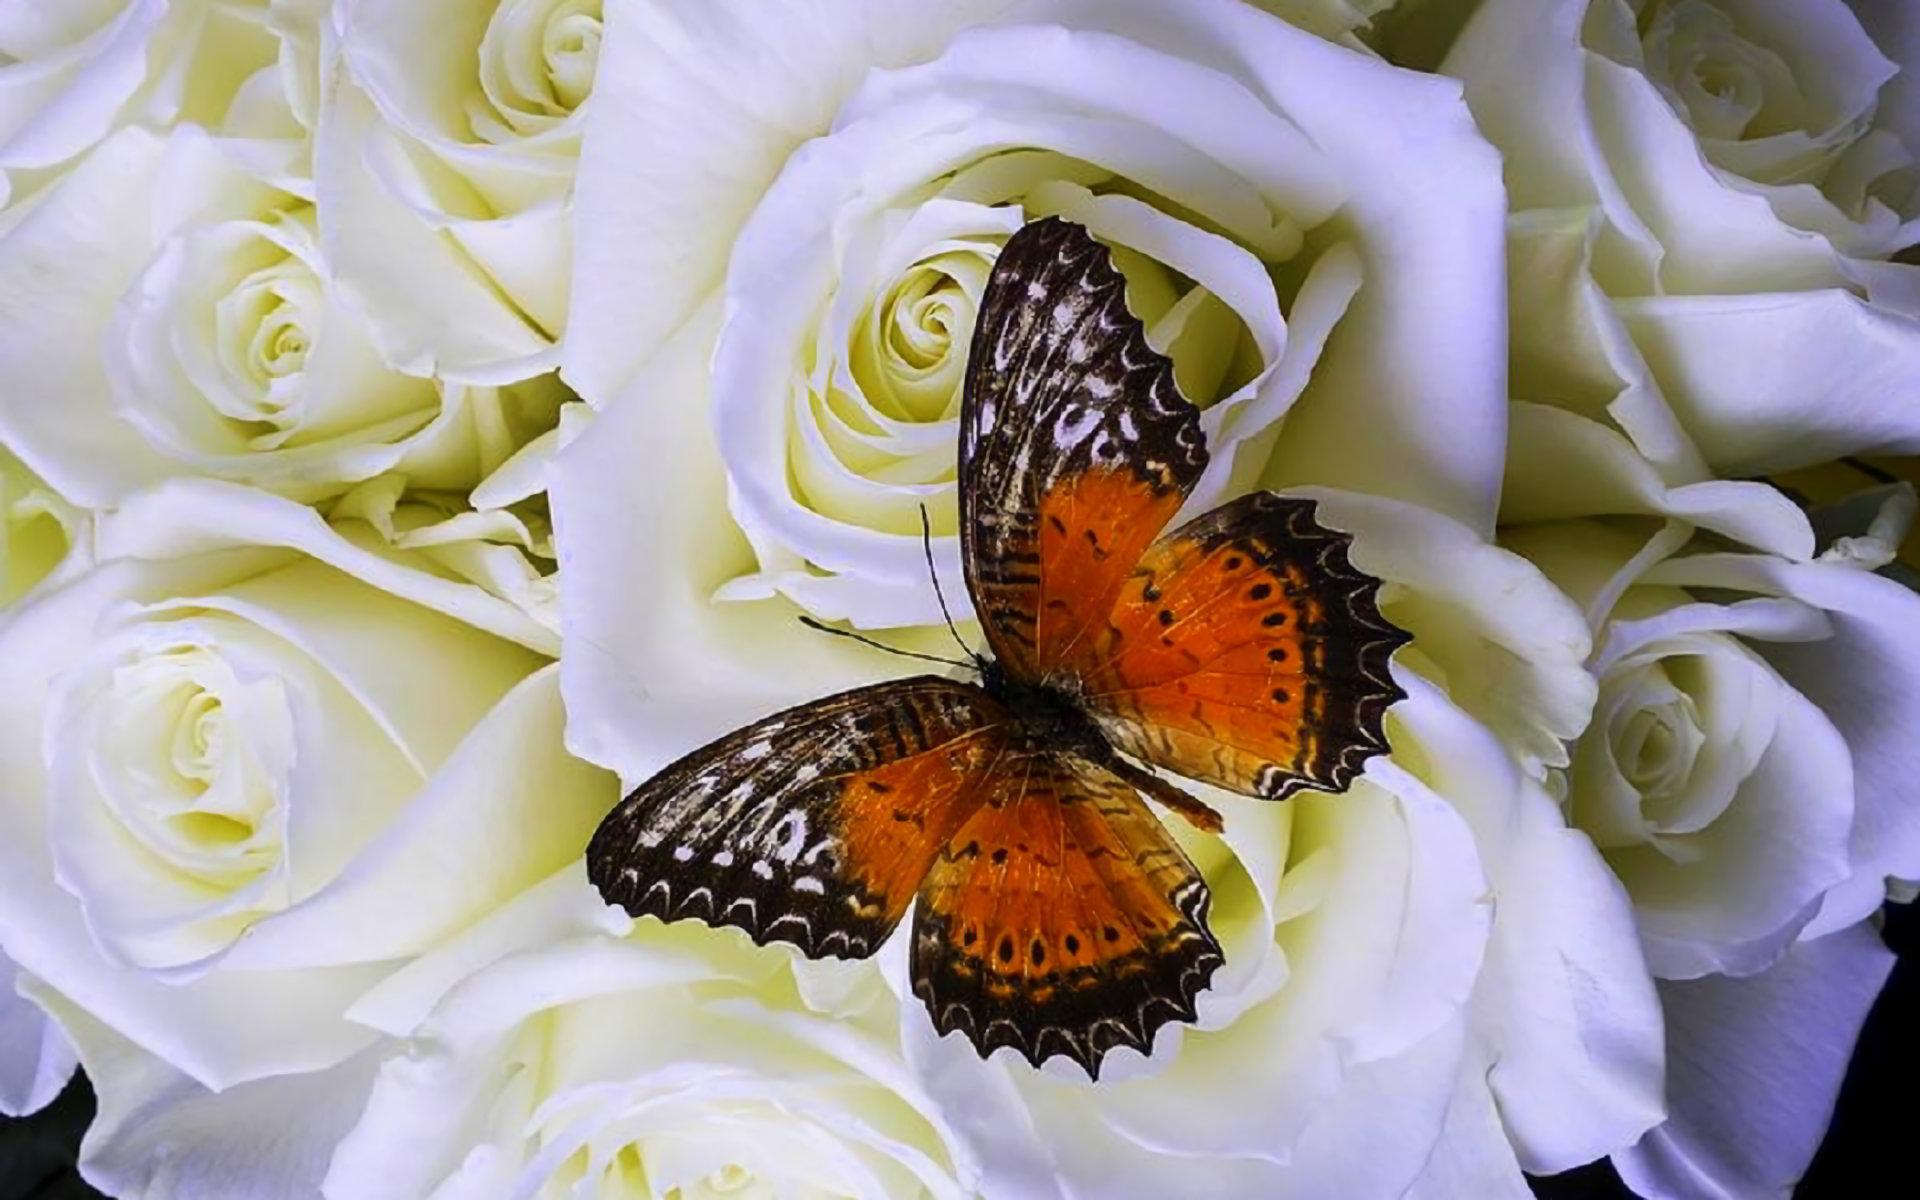 tải ảnh bướm đẹp nhất